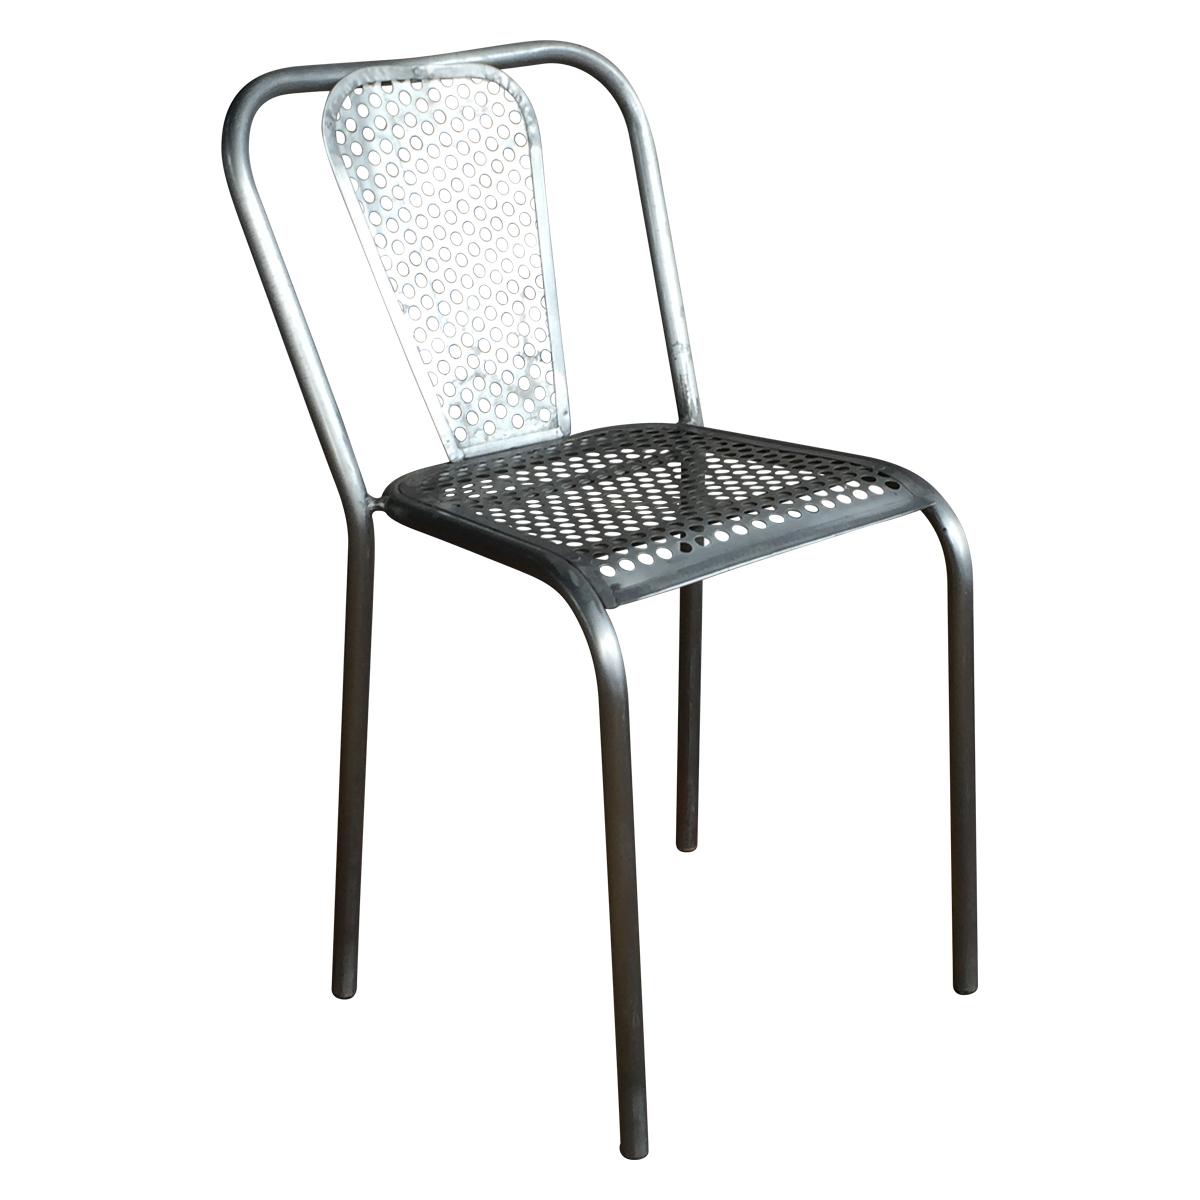 Chaise en m tal grise style industriel demeure et jardin for Chaise design industriel